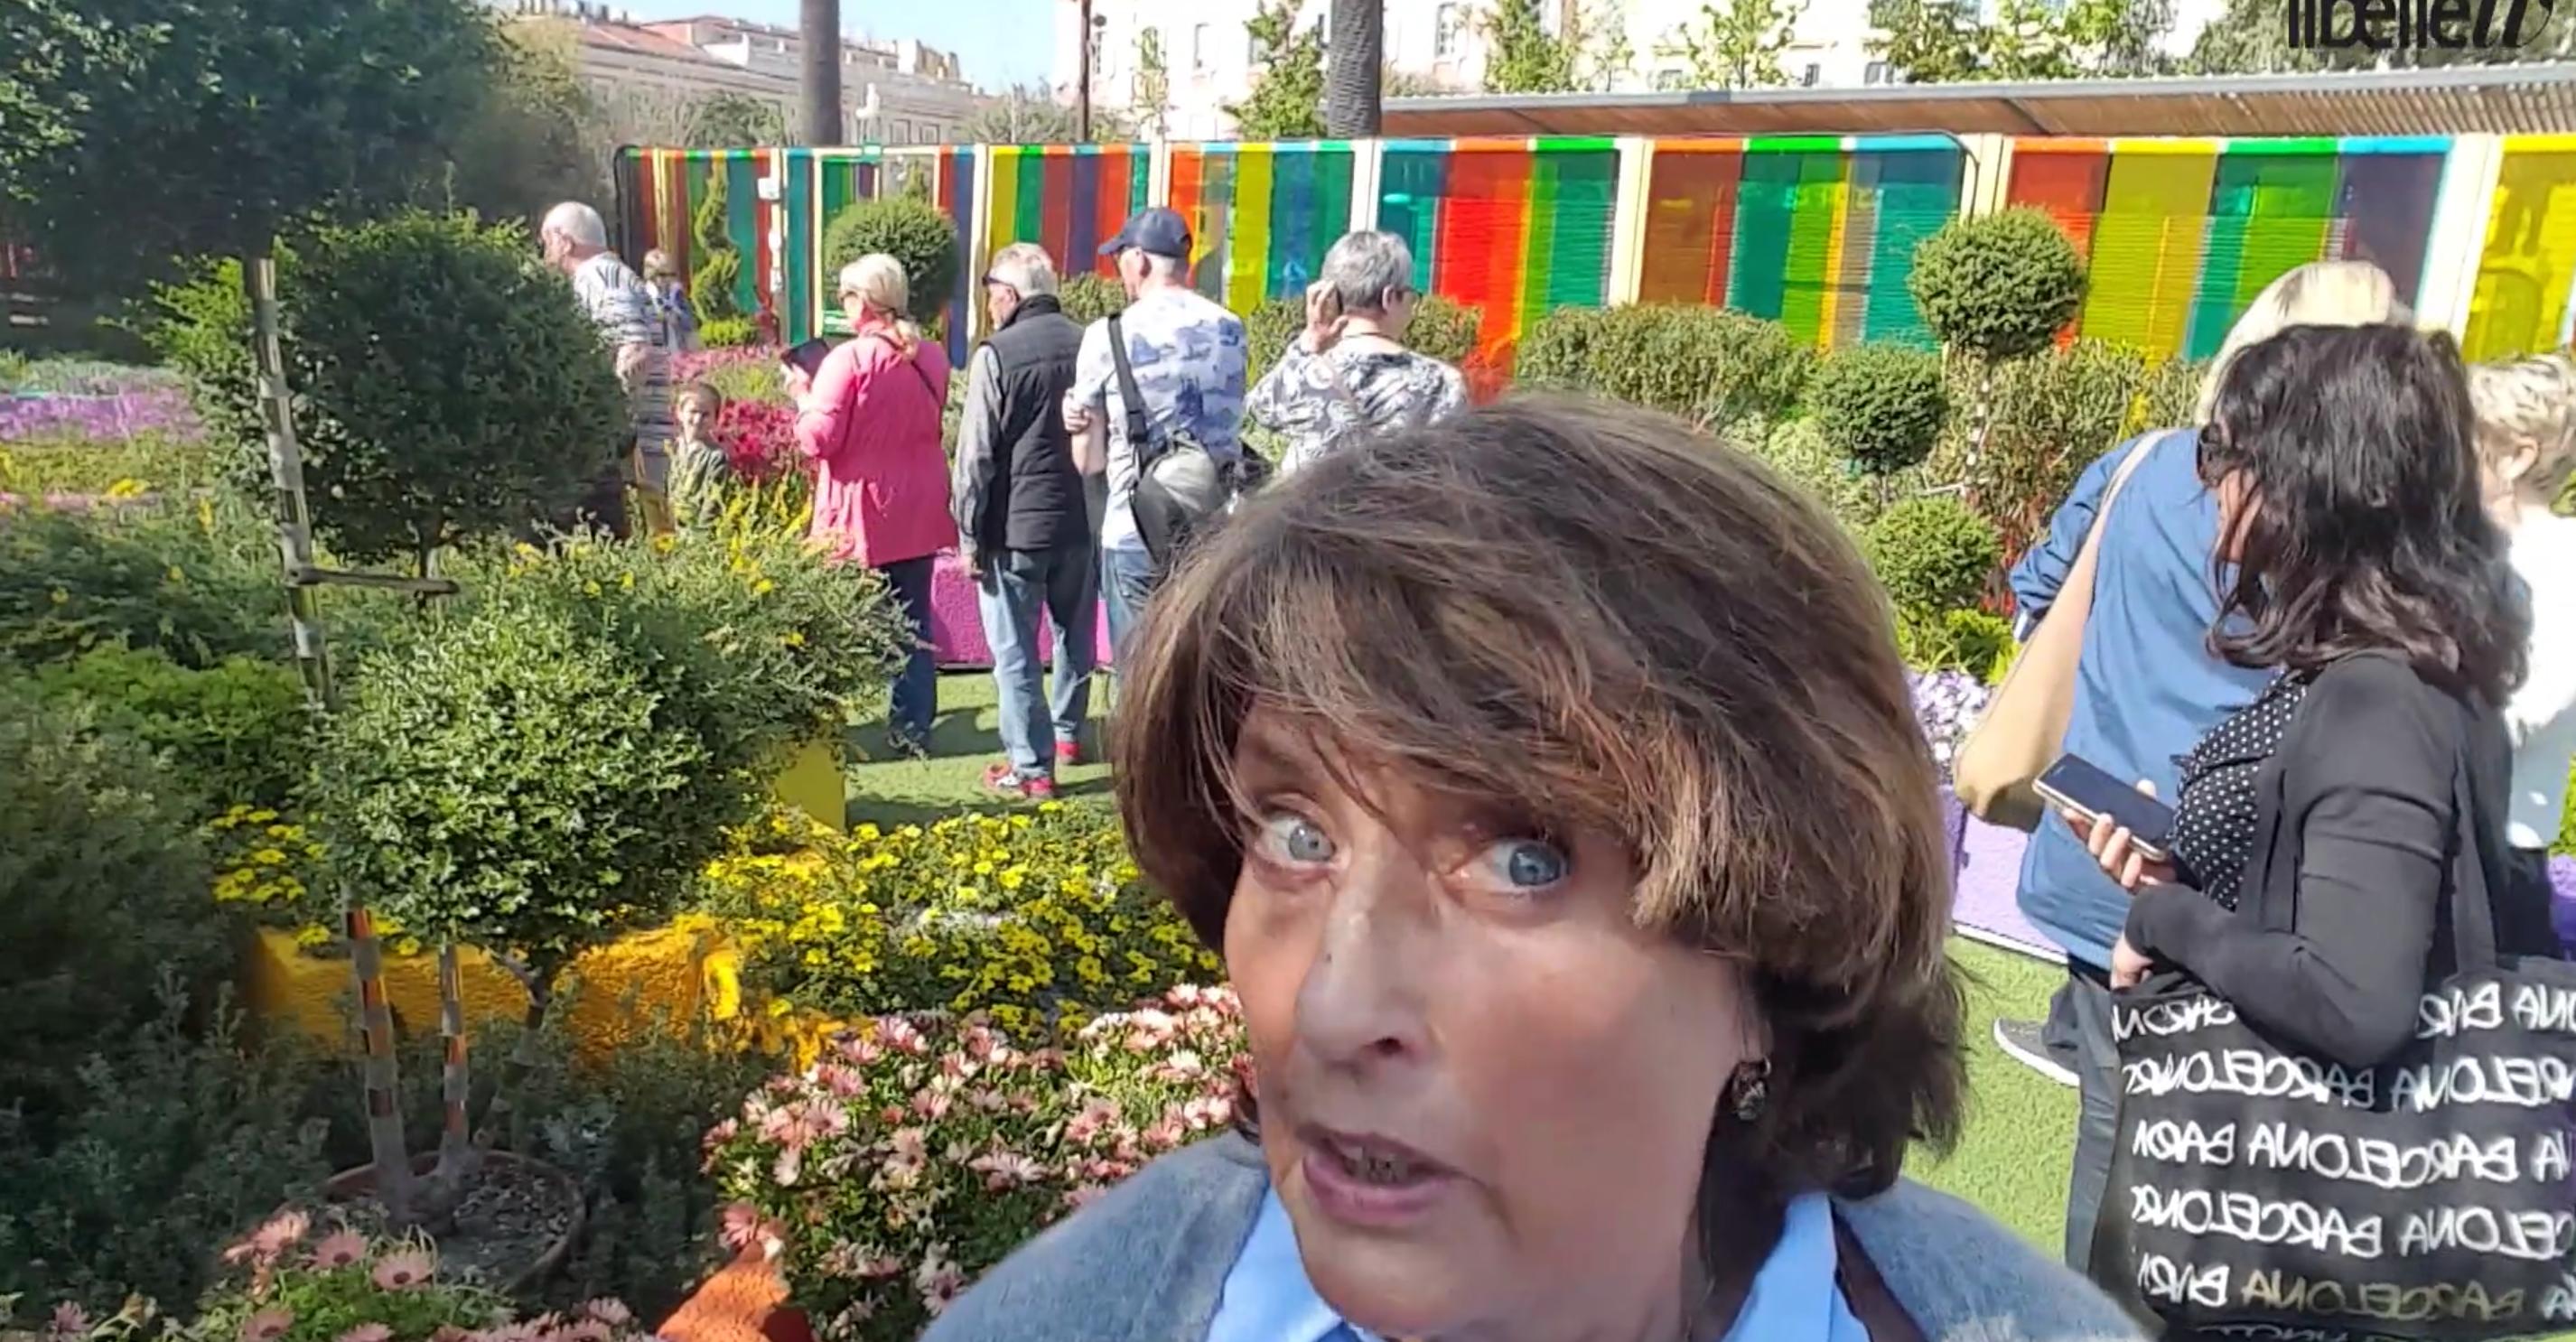 Tuinvlogger Loes is in Nice: 'De bloemen zijn hier geweldig!'